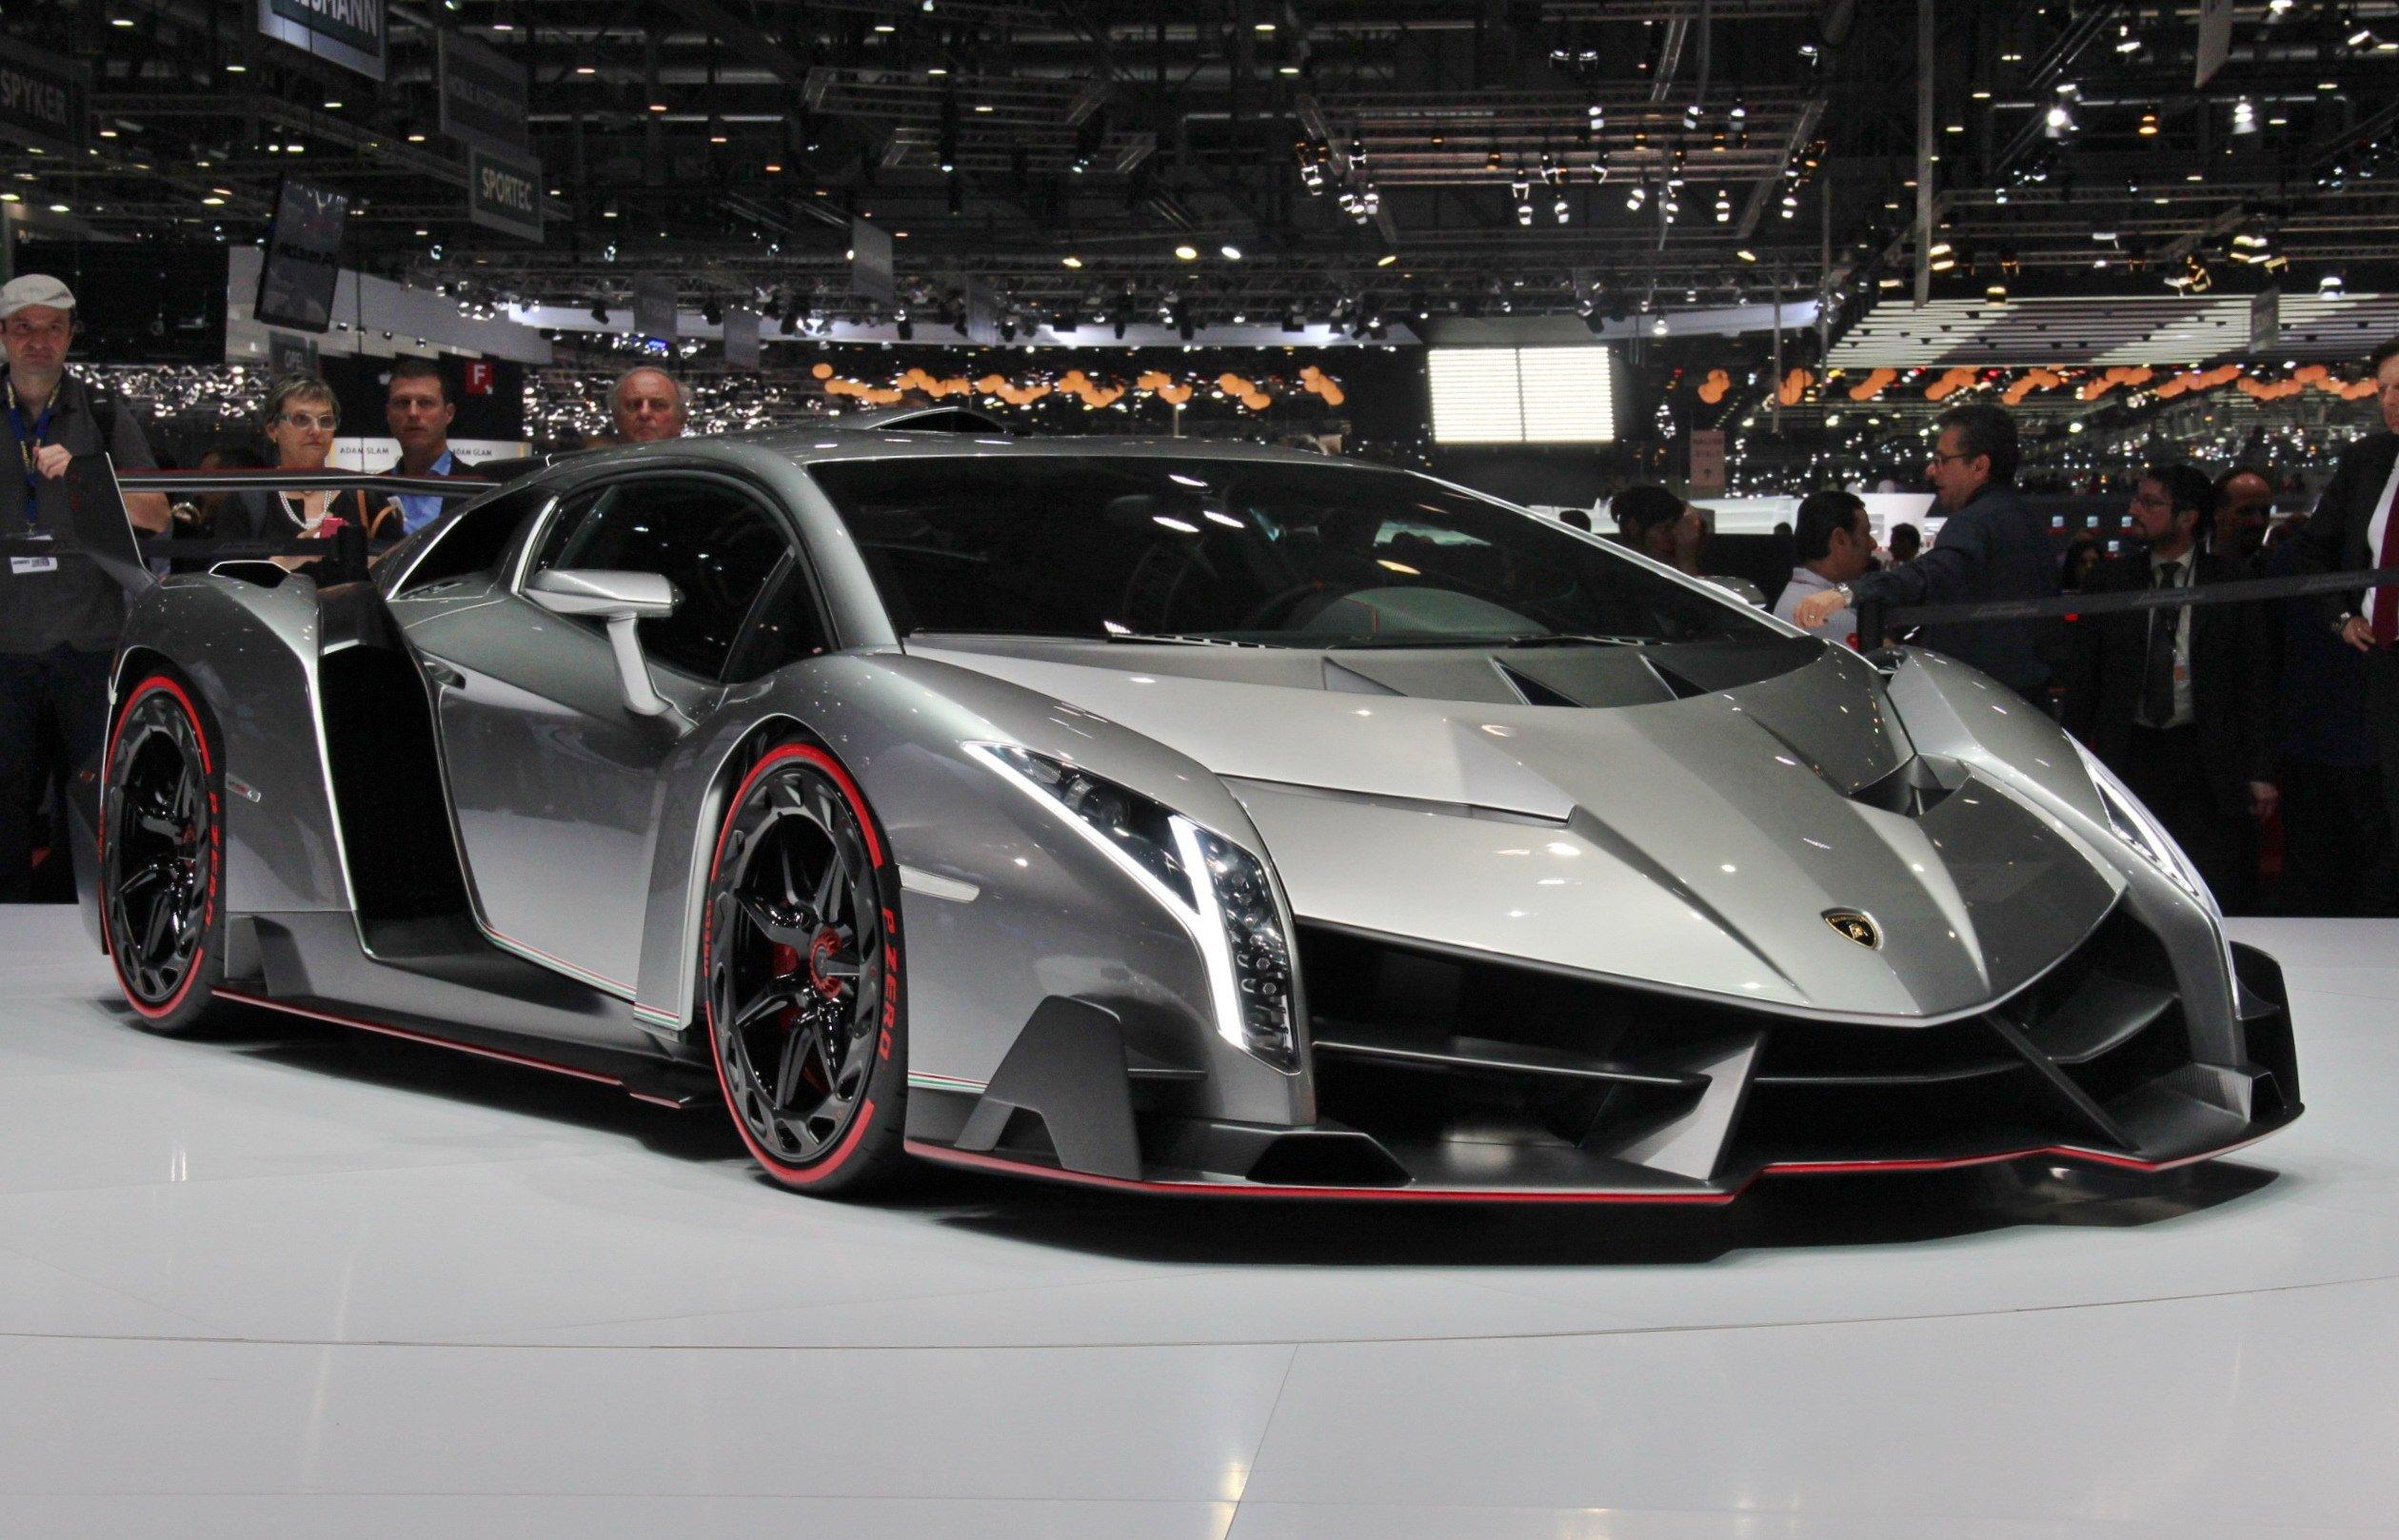 รถแพงที่สุดในโลก 2019